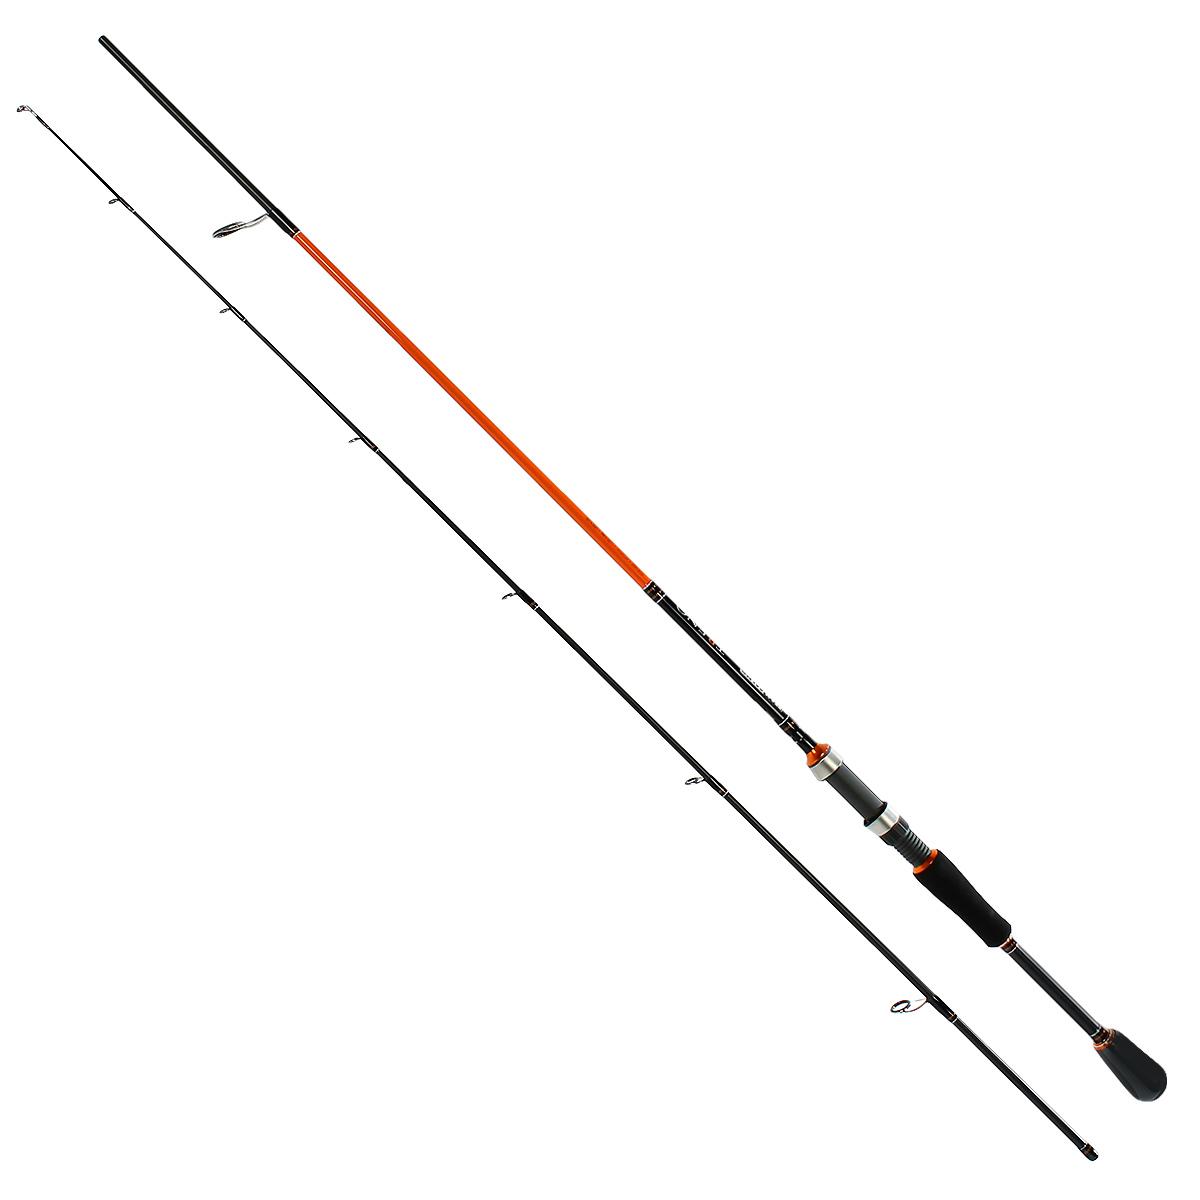 Удилище спиннинговое Team Salmo TRENO, 2,07 м, 7-24 гTSTR2-682FСерия спиннингов TRENO разработана специально для ловли хищной рыбы твичингом и на джиг-приманки. Бланки этой серии изготовлены из усовершенствованного высокомодульного графита 40T, обеспечивающего максимальную прочность, а также высокую чувствительность по всему заявленному тестовому диапазону. Строй бланков быстрый и экстра быстрый. Бланк в основании достаточно толстый, что дает преимущества не только при вываживании крупной рыбы, но и при рывковой проводке воблеров. Несмотря на относительно небольшую длину, спиннинги TRENO обладают отличными бросковыми характеристиками. Спиннинги укомплектованы пропускными кольцами Fuji K-guide со вставками SIC. Наклоненные колечки на вершинке - раннинги и противозахлестный тюльпан, не позволят запутаться за них в сильный ветер даже мягкому PE шнуру. В элегантной и практичной разнесенной рукоятке, из прочного материала EVA, установлен катушкодержатель VSS от Fuji с задней гайкой крепления. Материал ручек жесткий и приятный на ощупь.